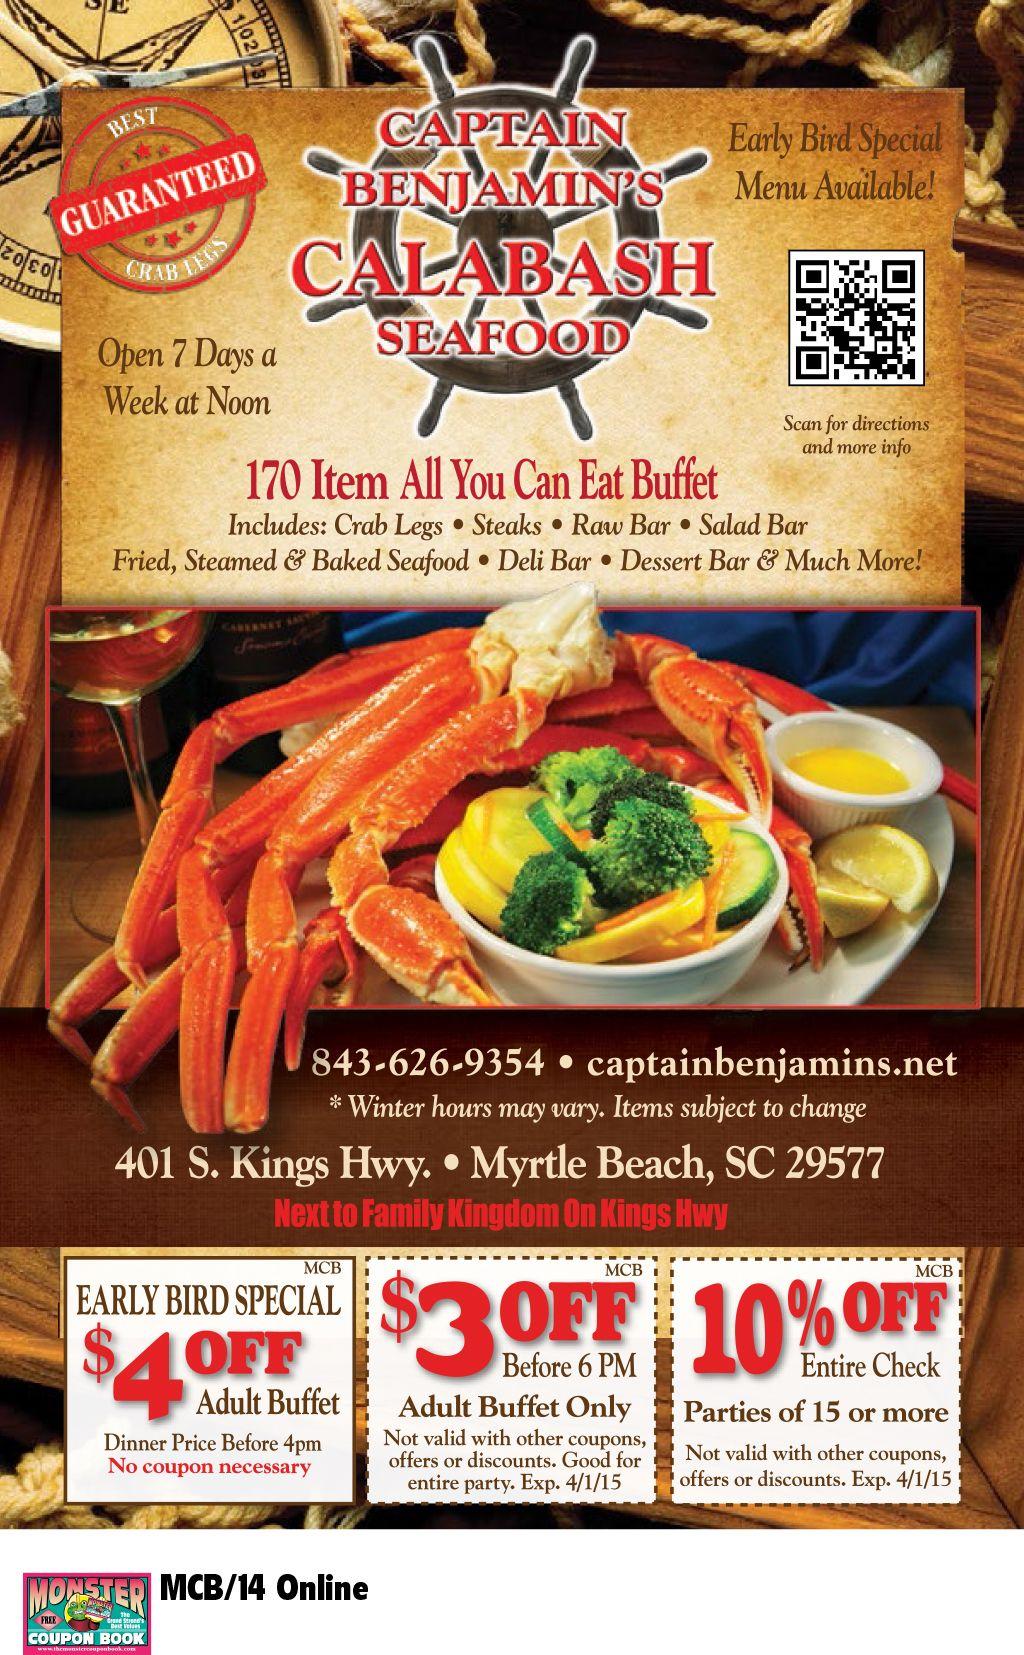 Captain Benjamin S Calabash Seafood Myrtle Beach Resorts Myrtle Beach Resorts Calabash Seafood Myrtle Beach